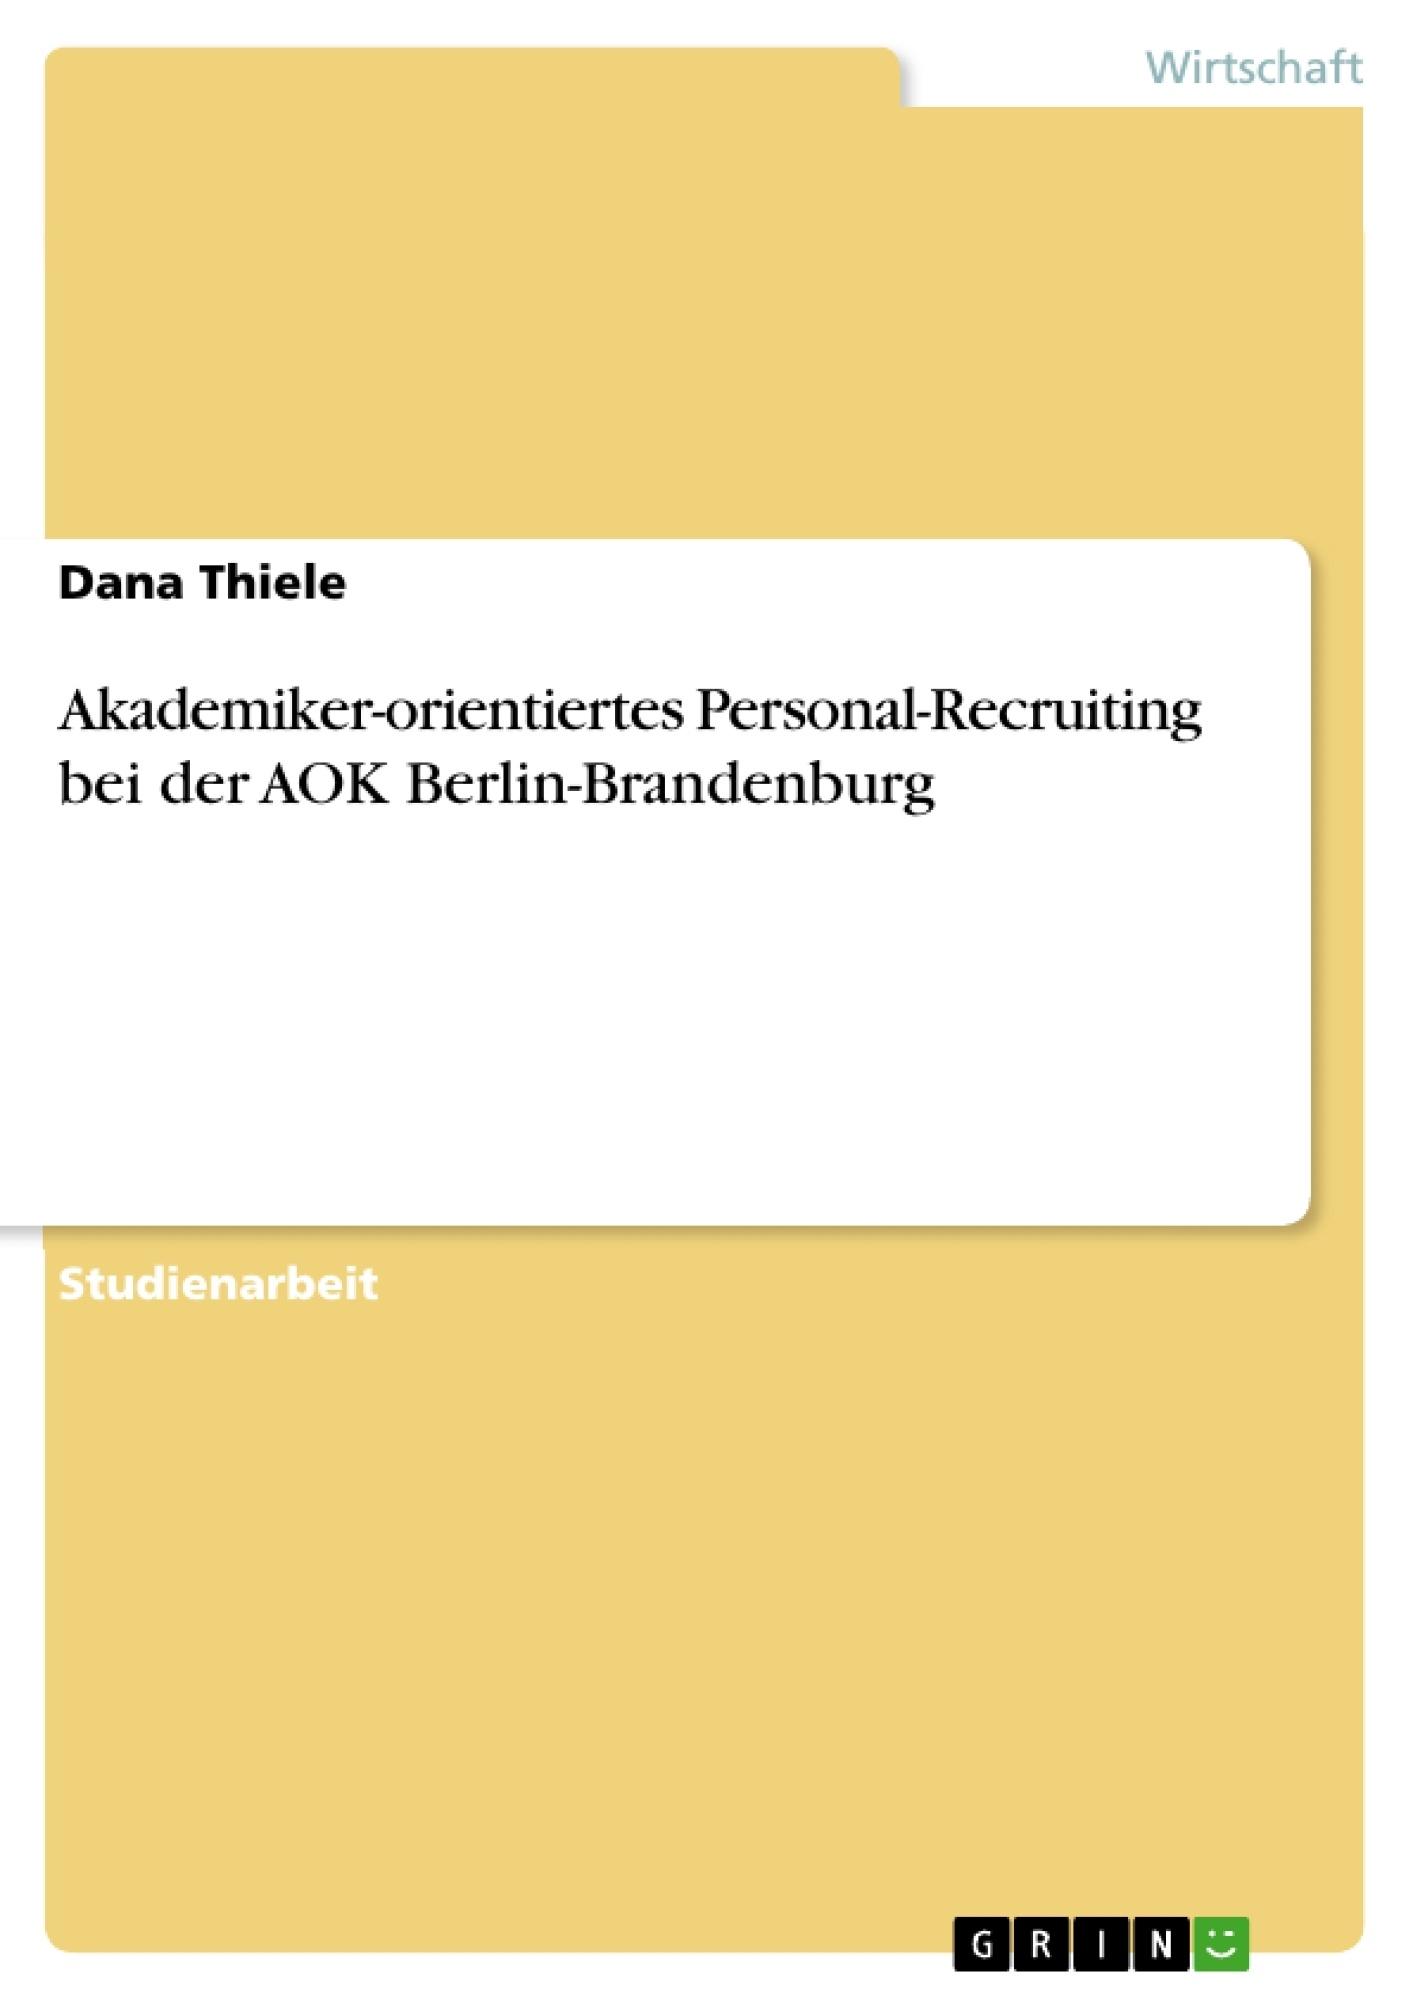 Titel: Akademiker-orientiertes Personal-Recruiting bei der AOK Berlin-Brandenburg